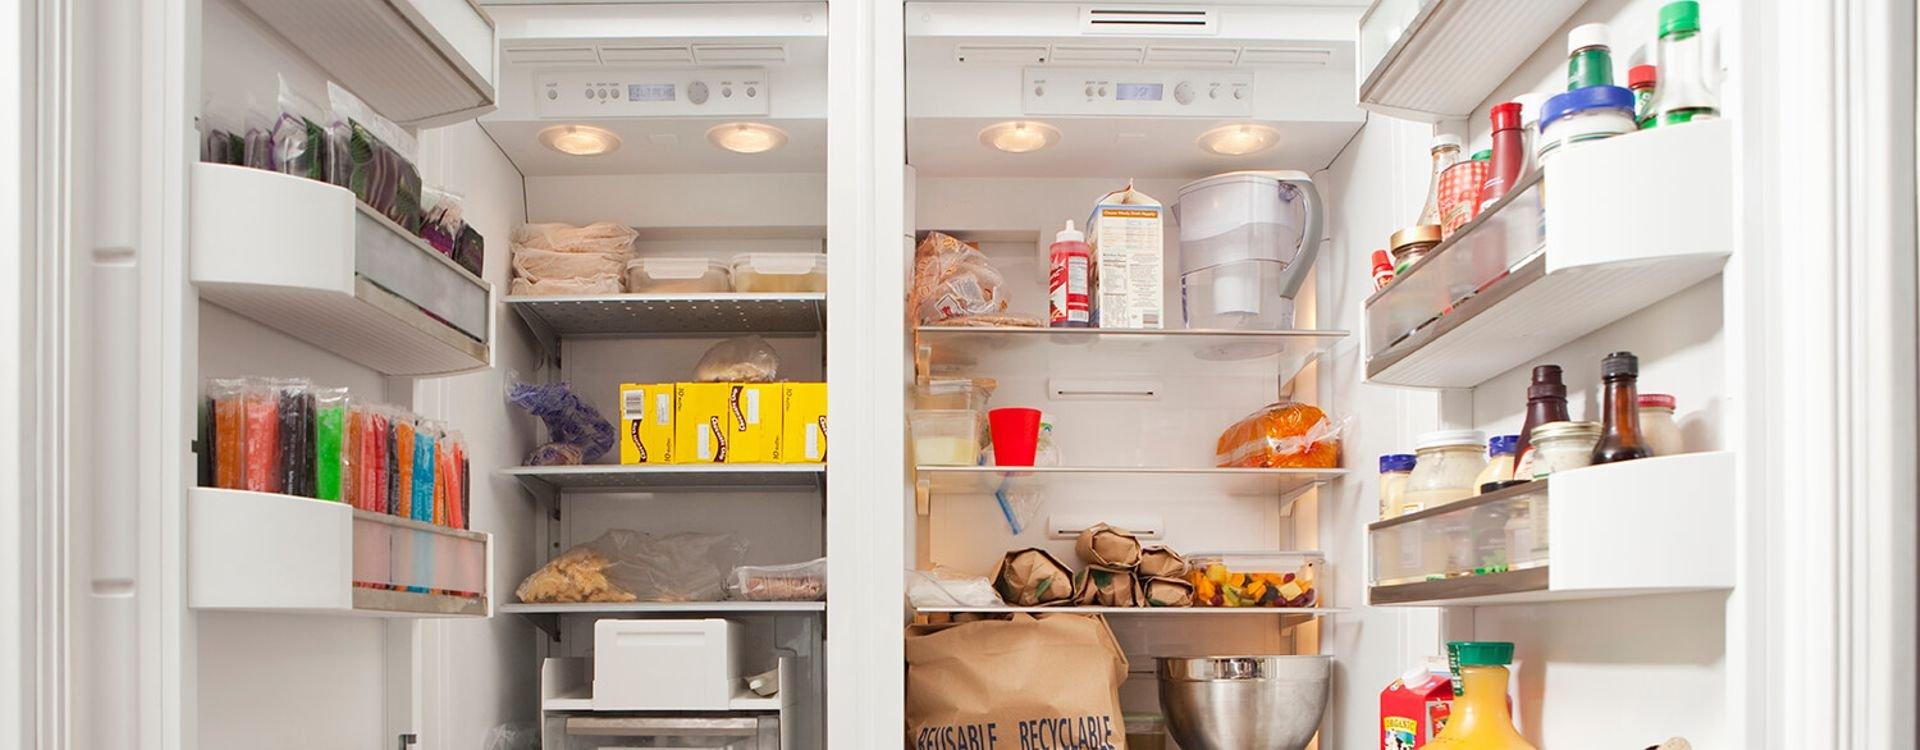 تعلم كيف تفحص الثلاجة المستعملة لتشتريها بأفضل المواصفات والأسعار